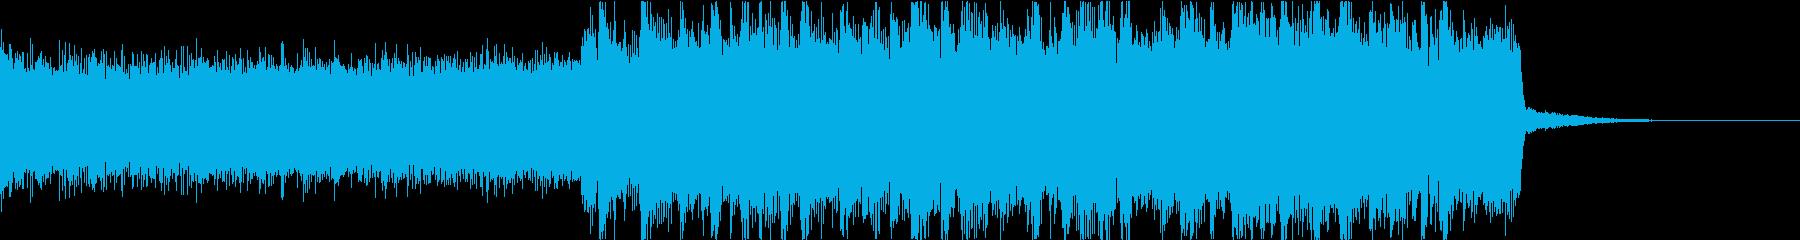 激しいゴリゴリロック♪バトル♪ジングル2の再生済みの波形